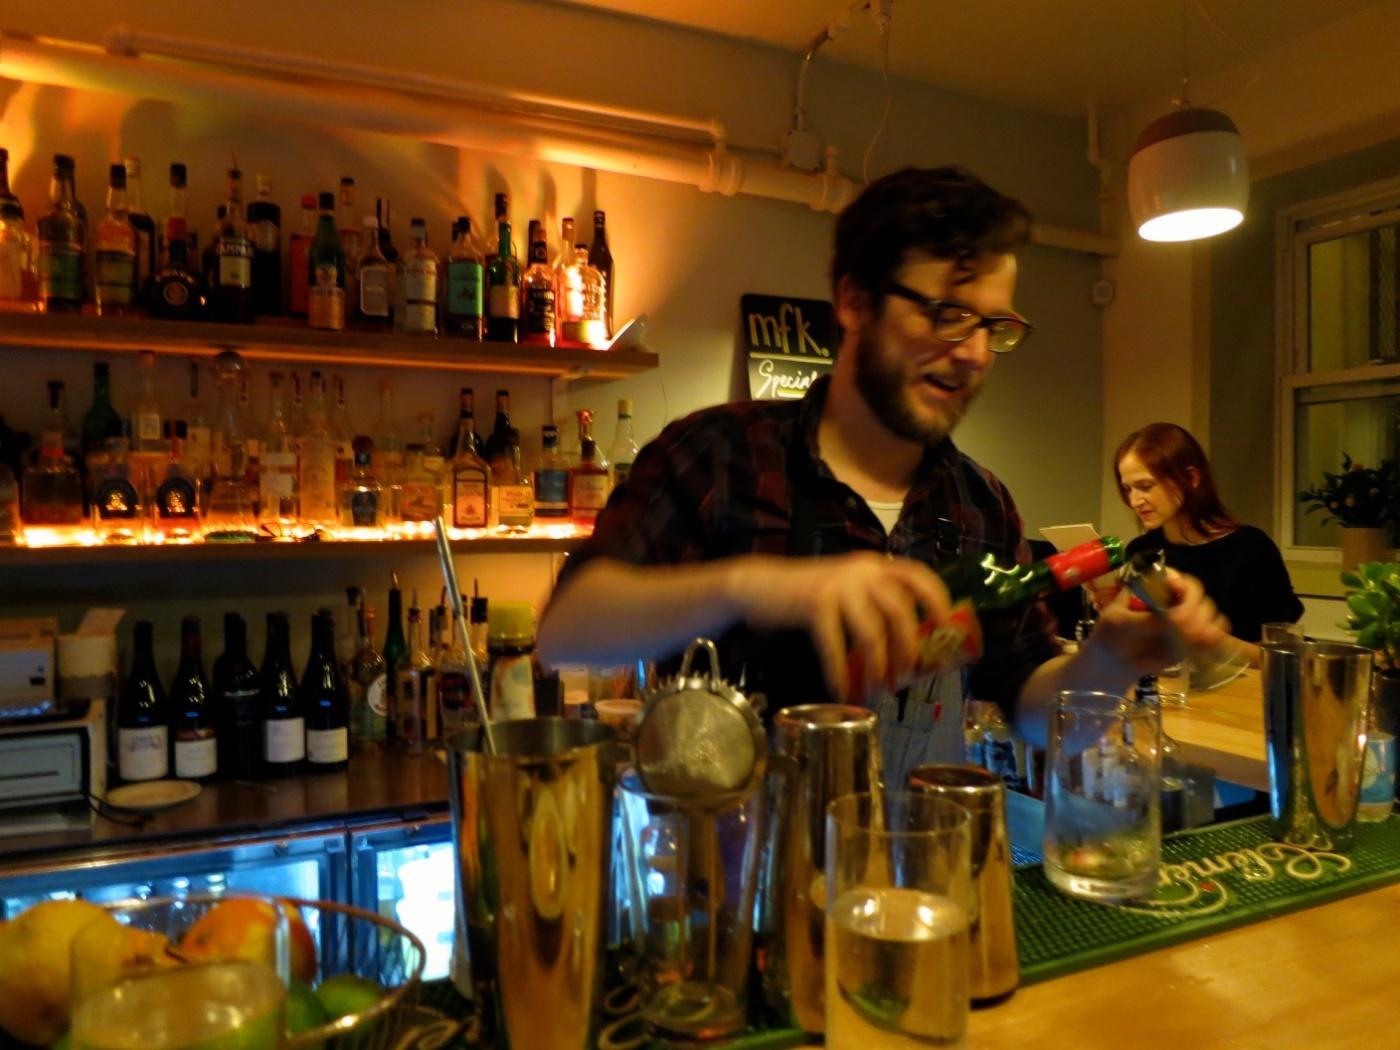 Bar at mfk